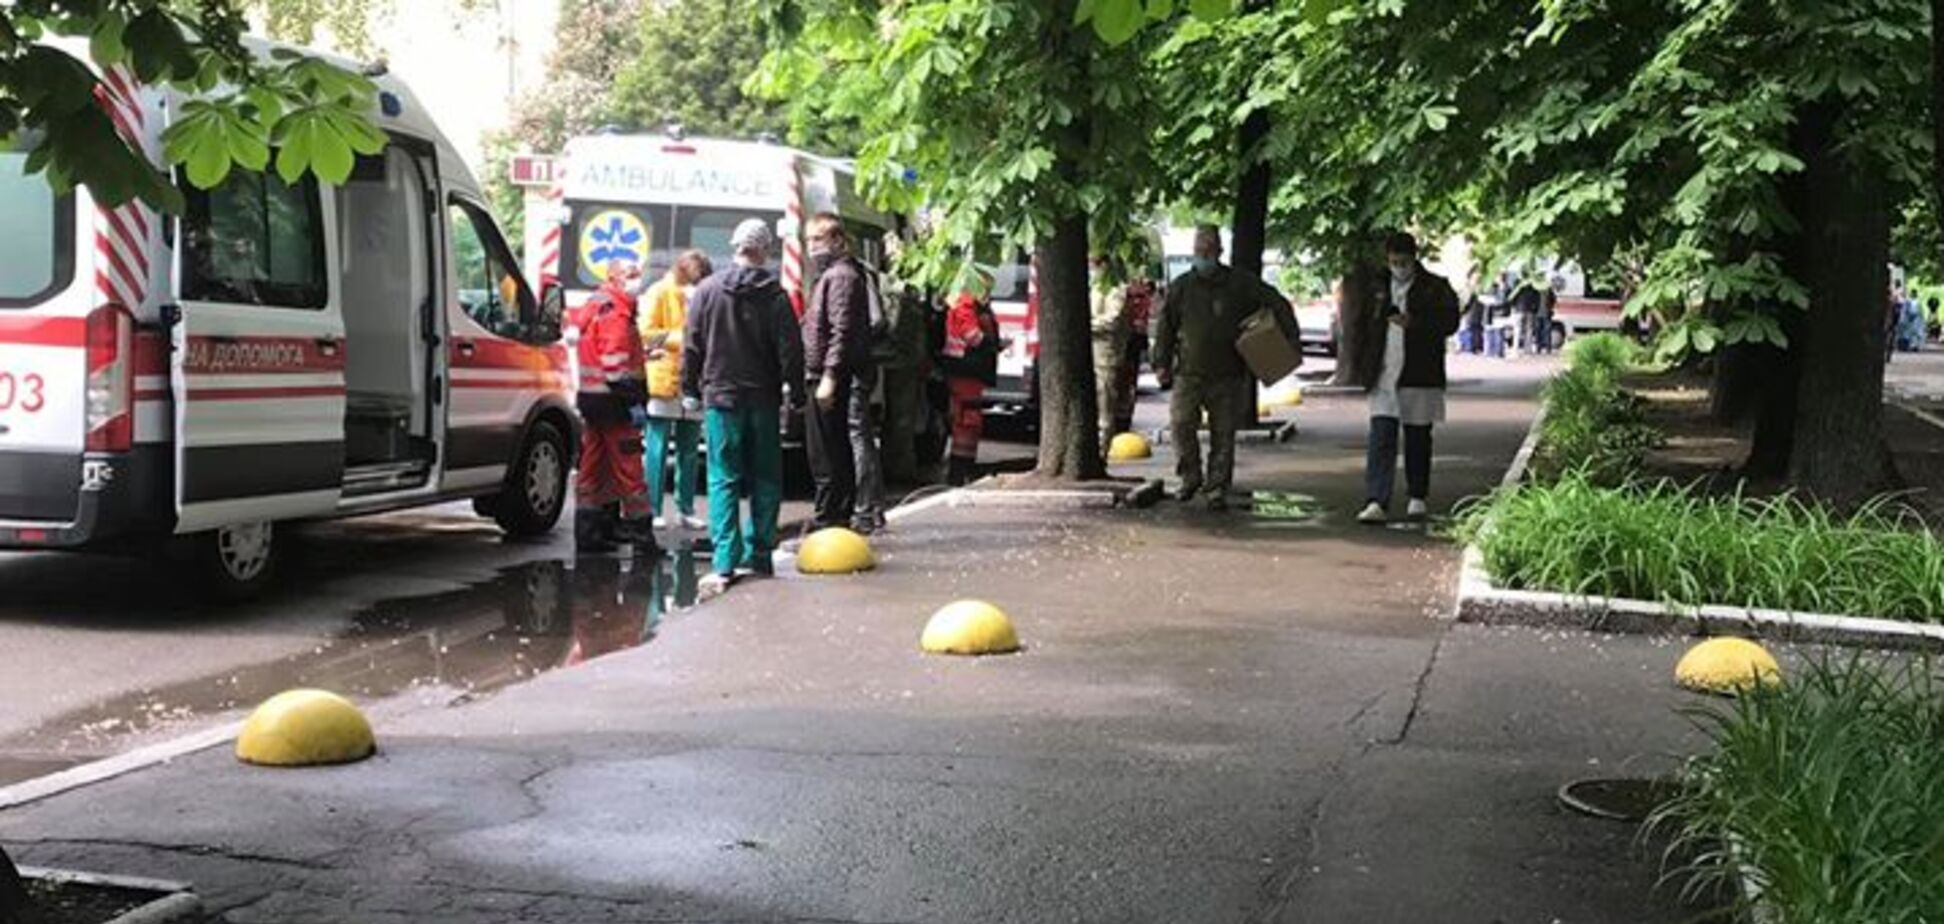 'В глазах боль и сила': в Киев прибыл борт с ранеными героями Донбасса